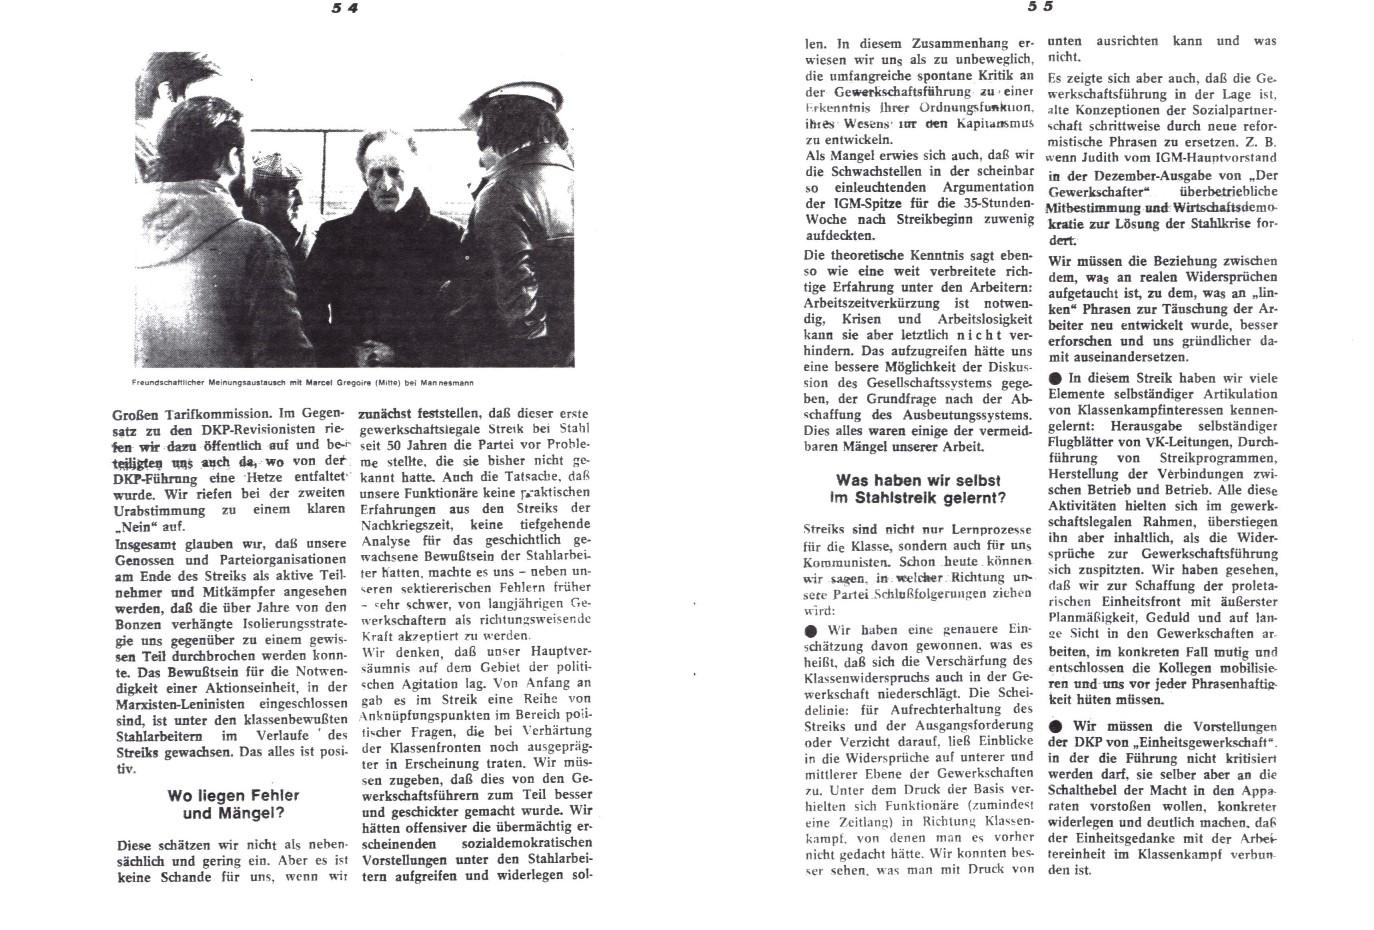 KPDAO_1979_Streik_in_der_Stahlindustrie_29